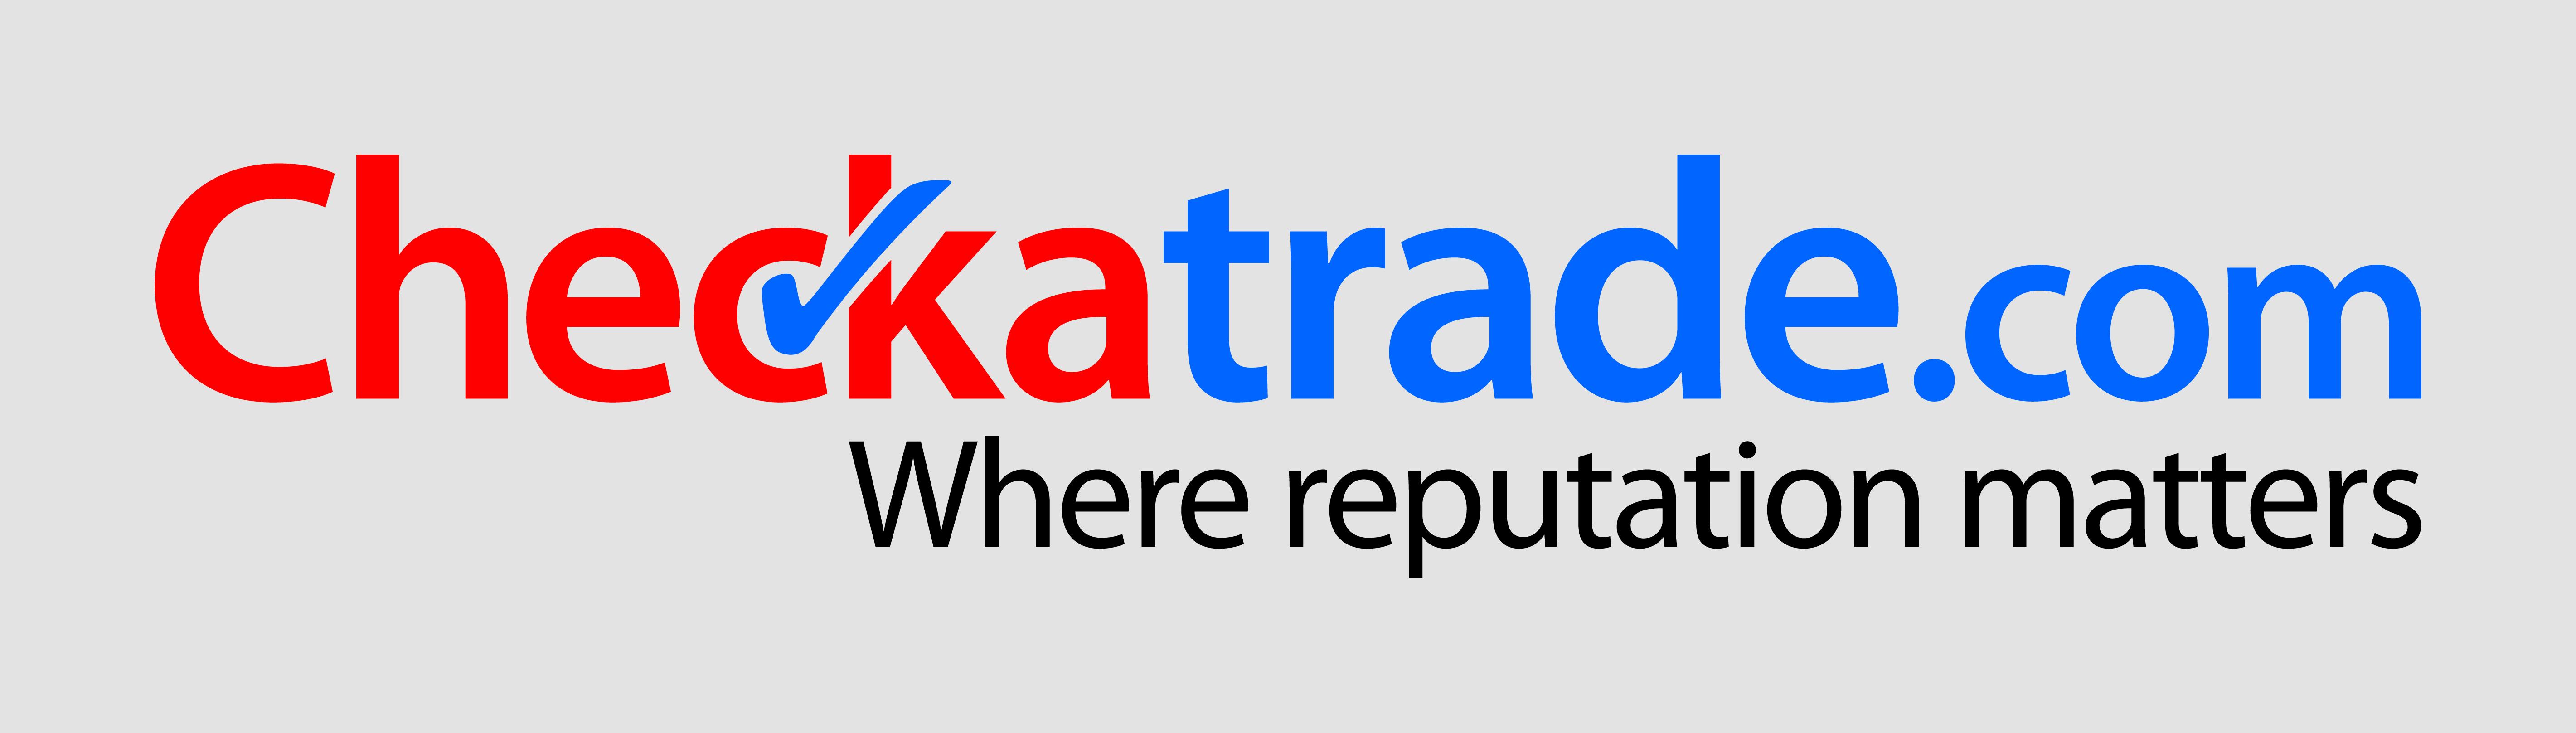 checkatrade.com-strapline-light-grey-bg